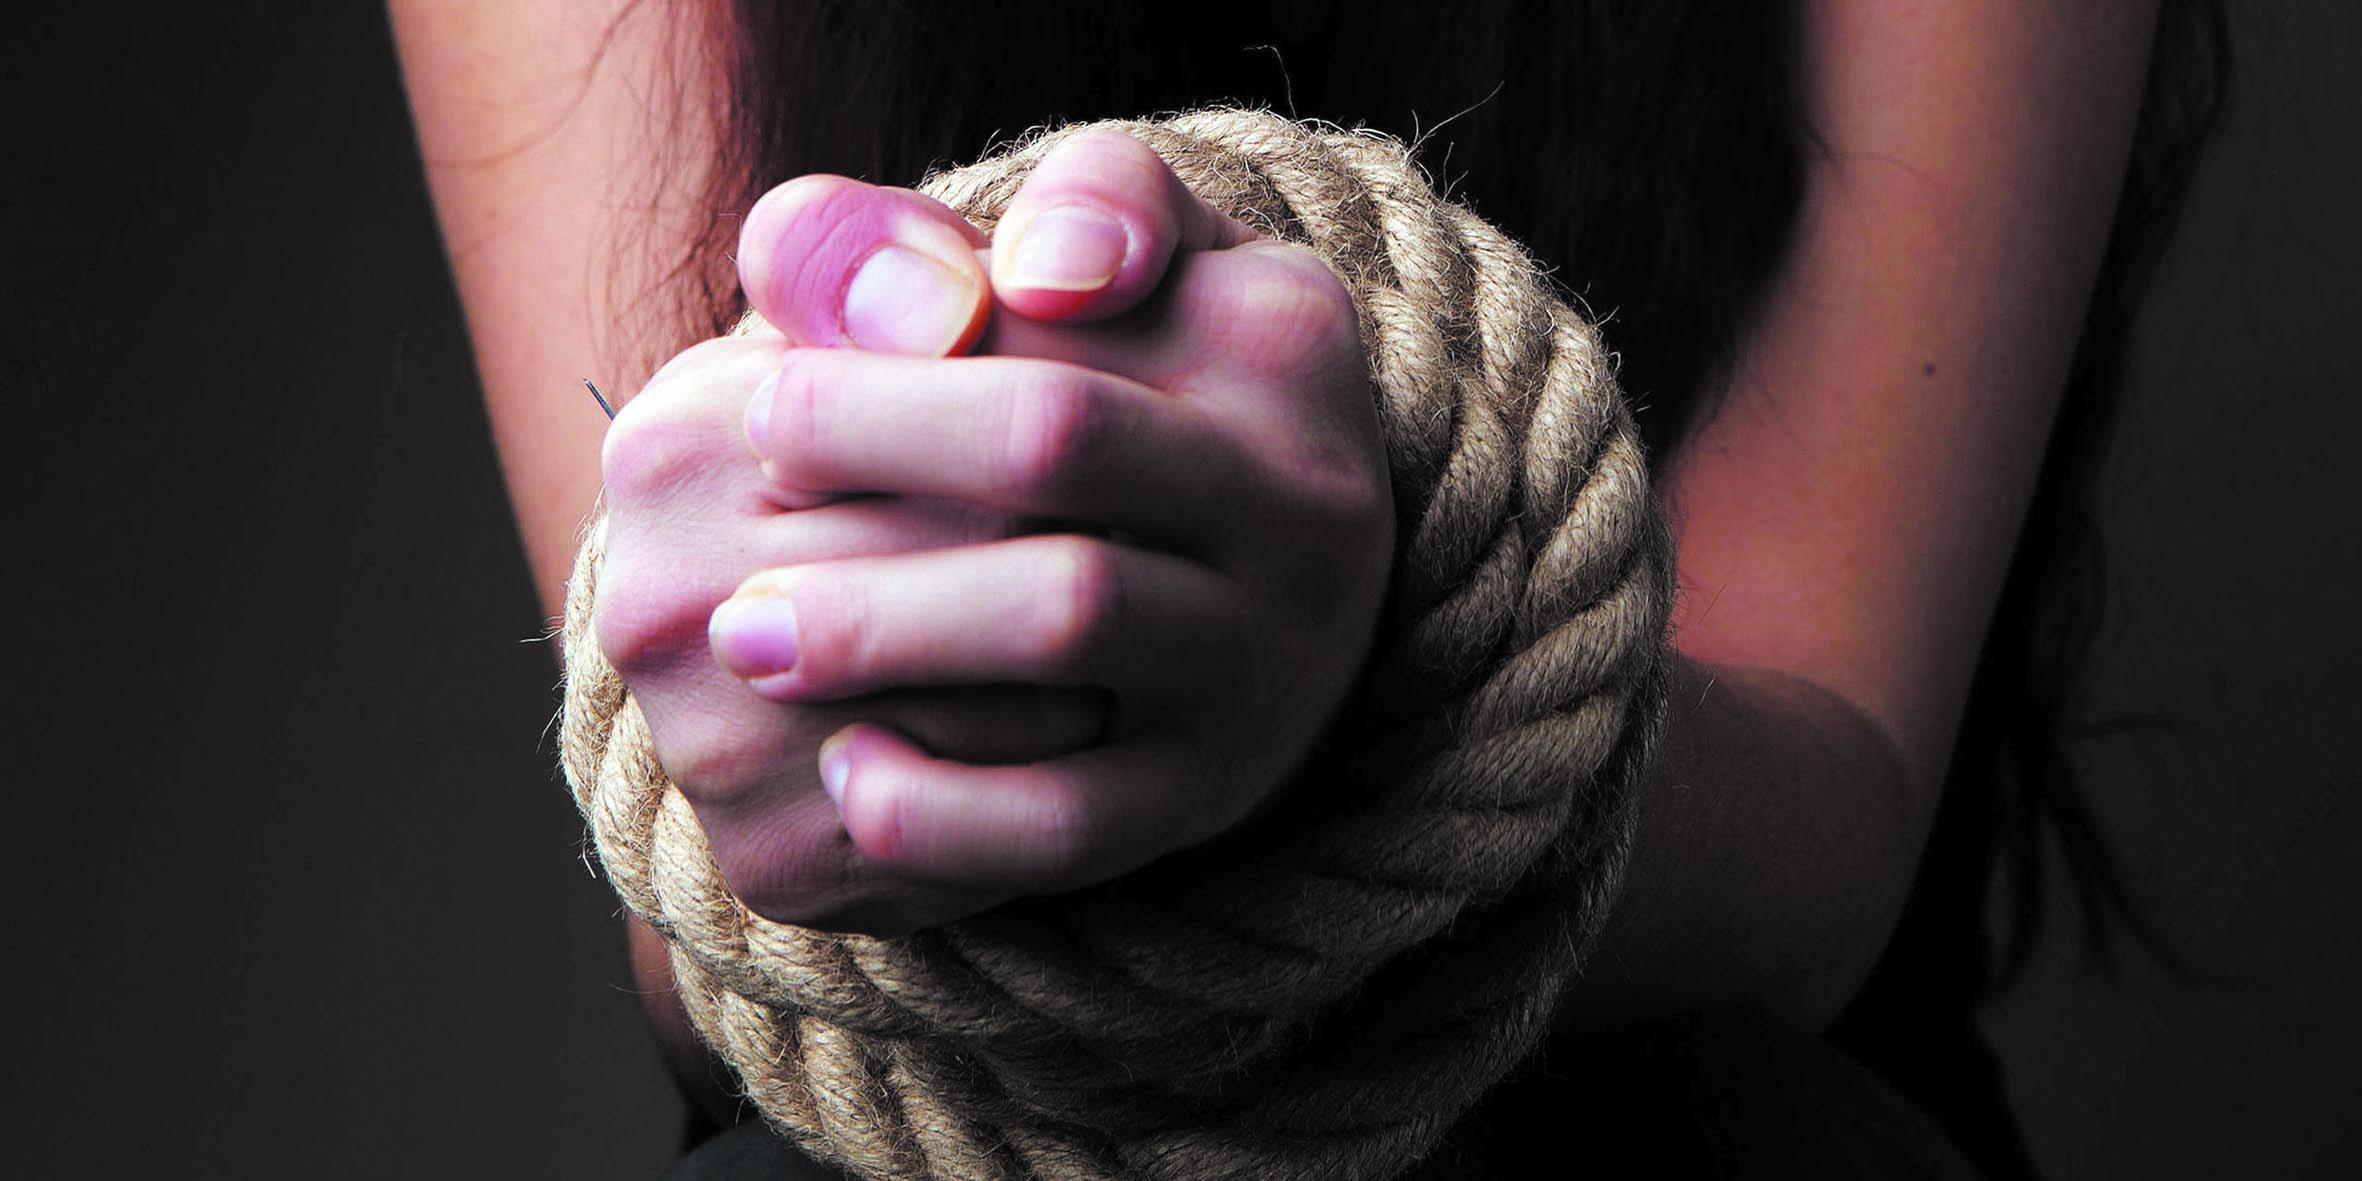 Journée d'étude à Rabat sur la lutte contre la traite des êtres humains